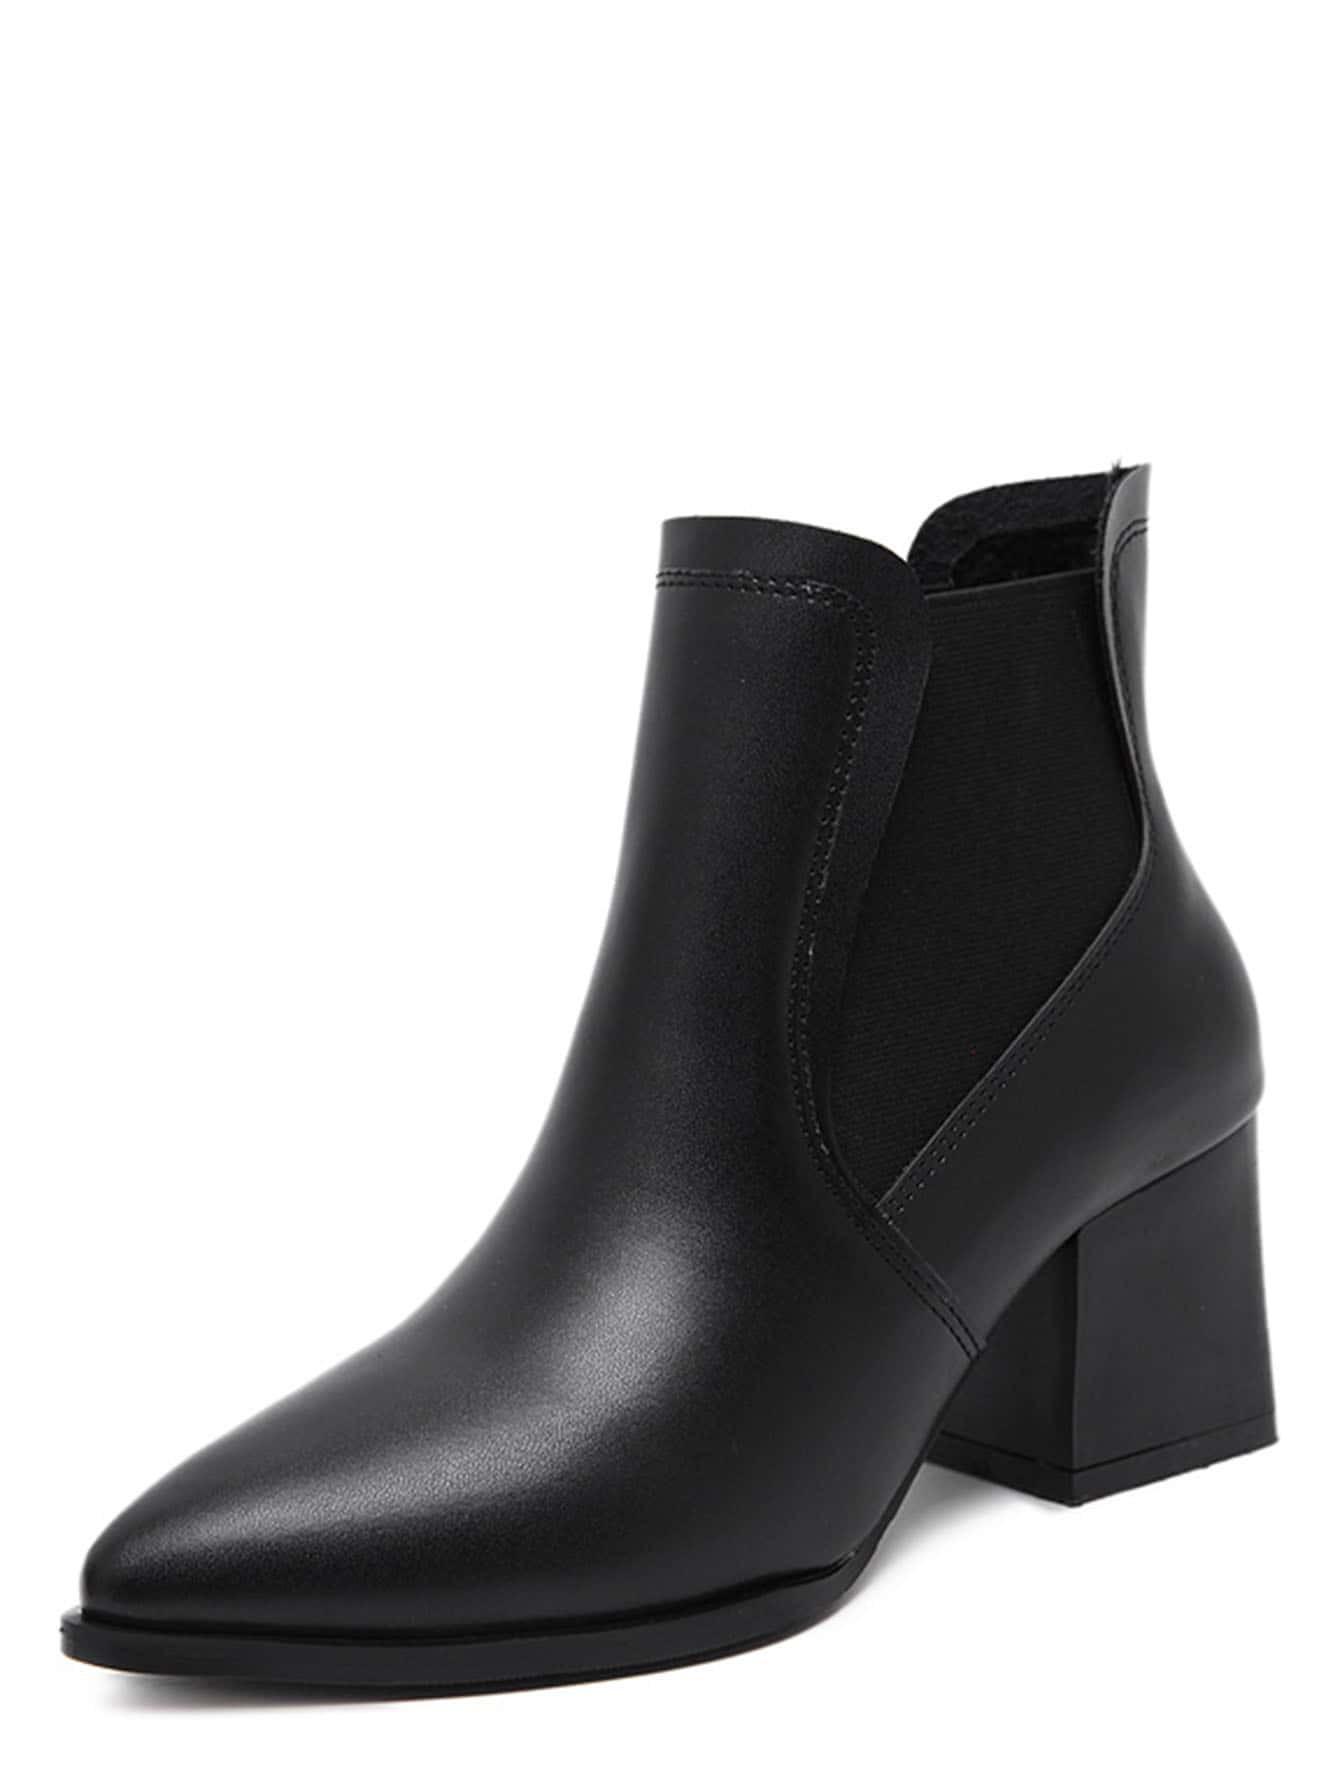 shoes161118803_2